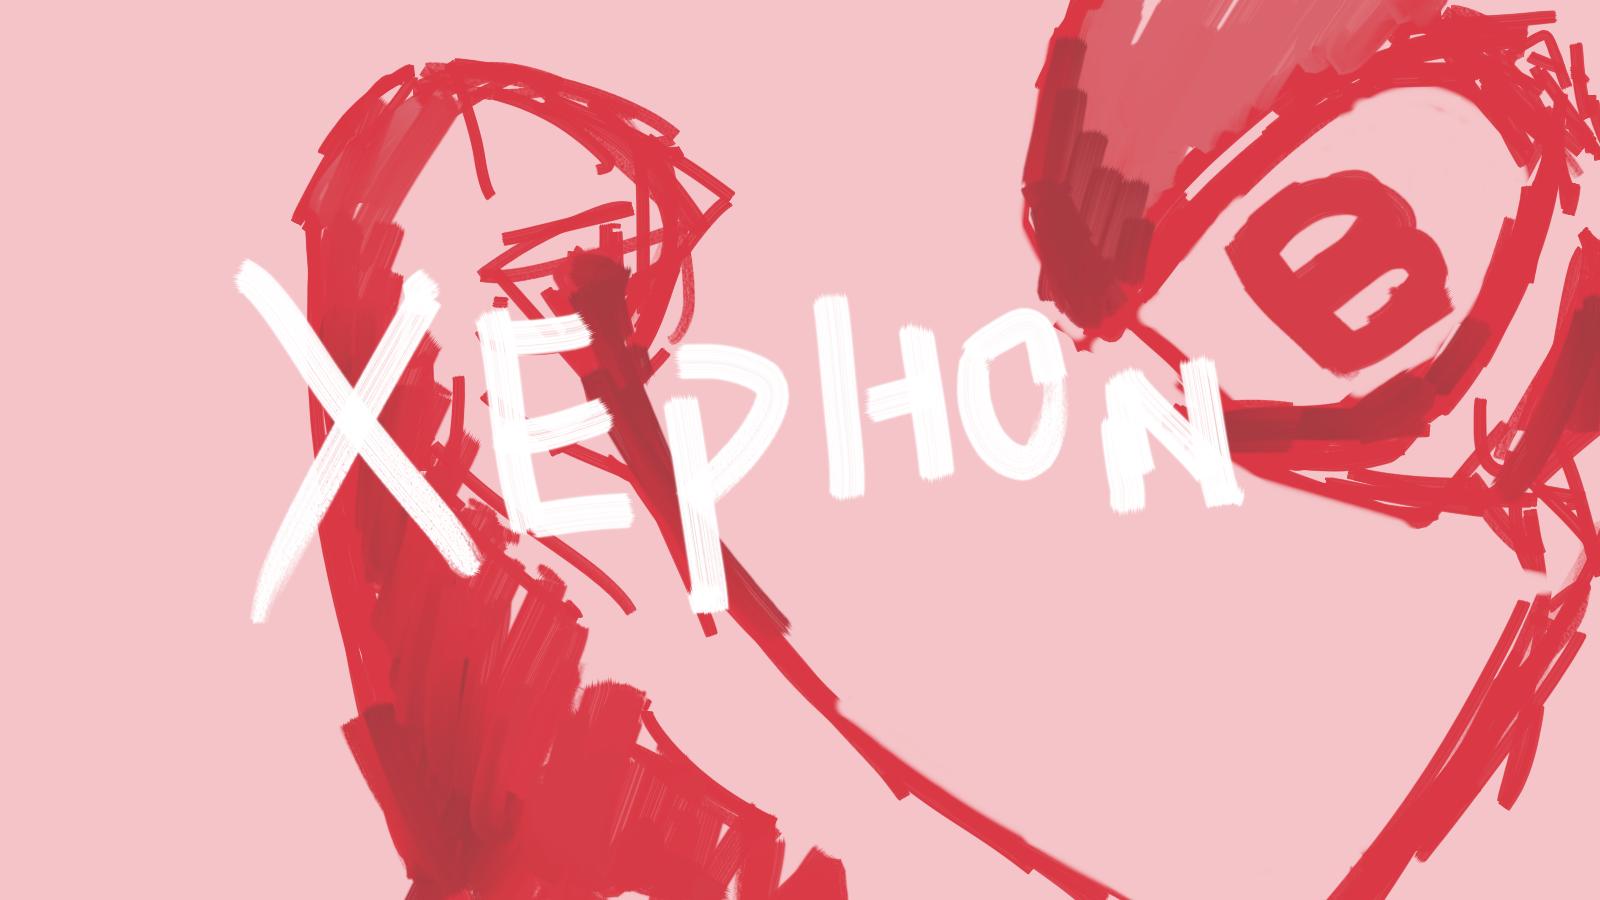 xephon-b